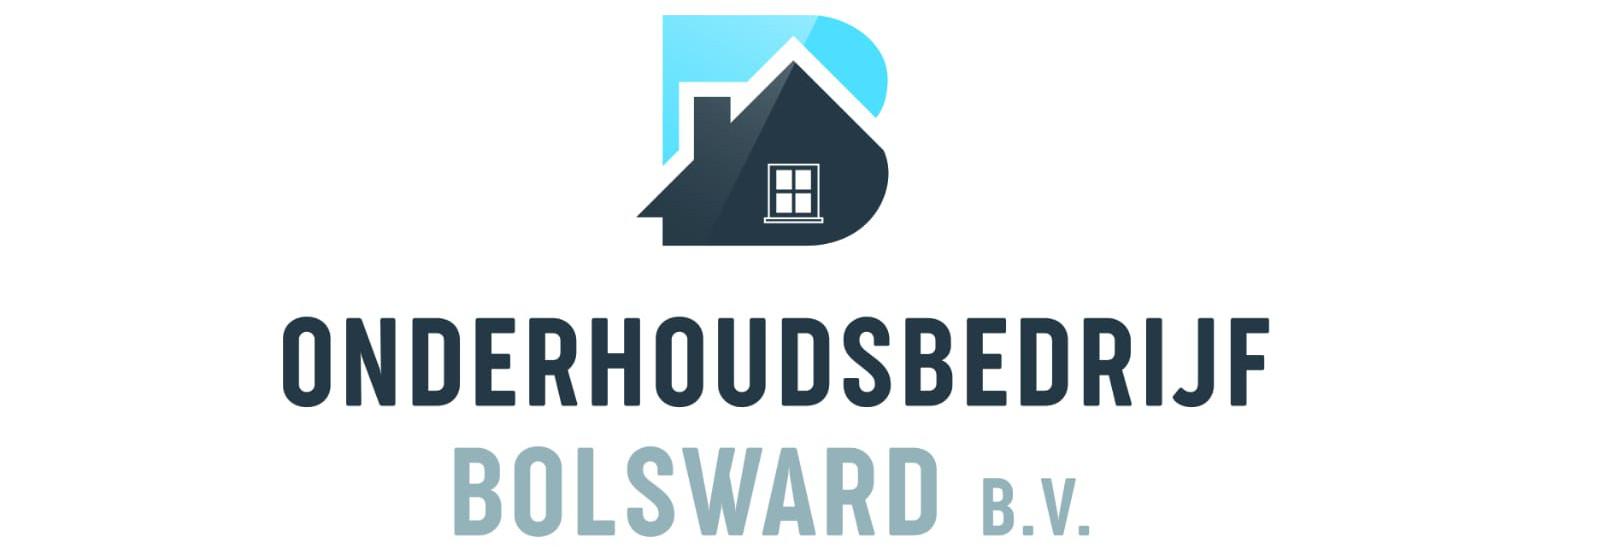 Onderhoudsbedrijf Bolsward B.V.